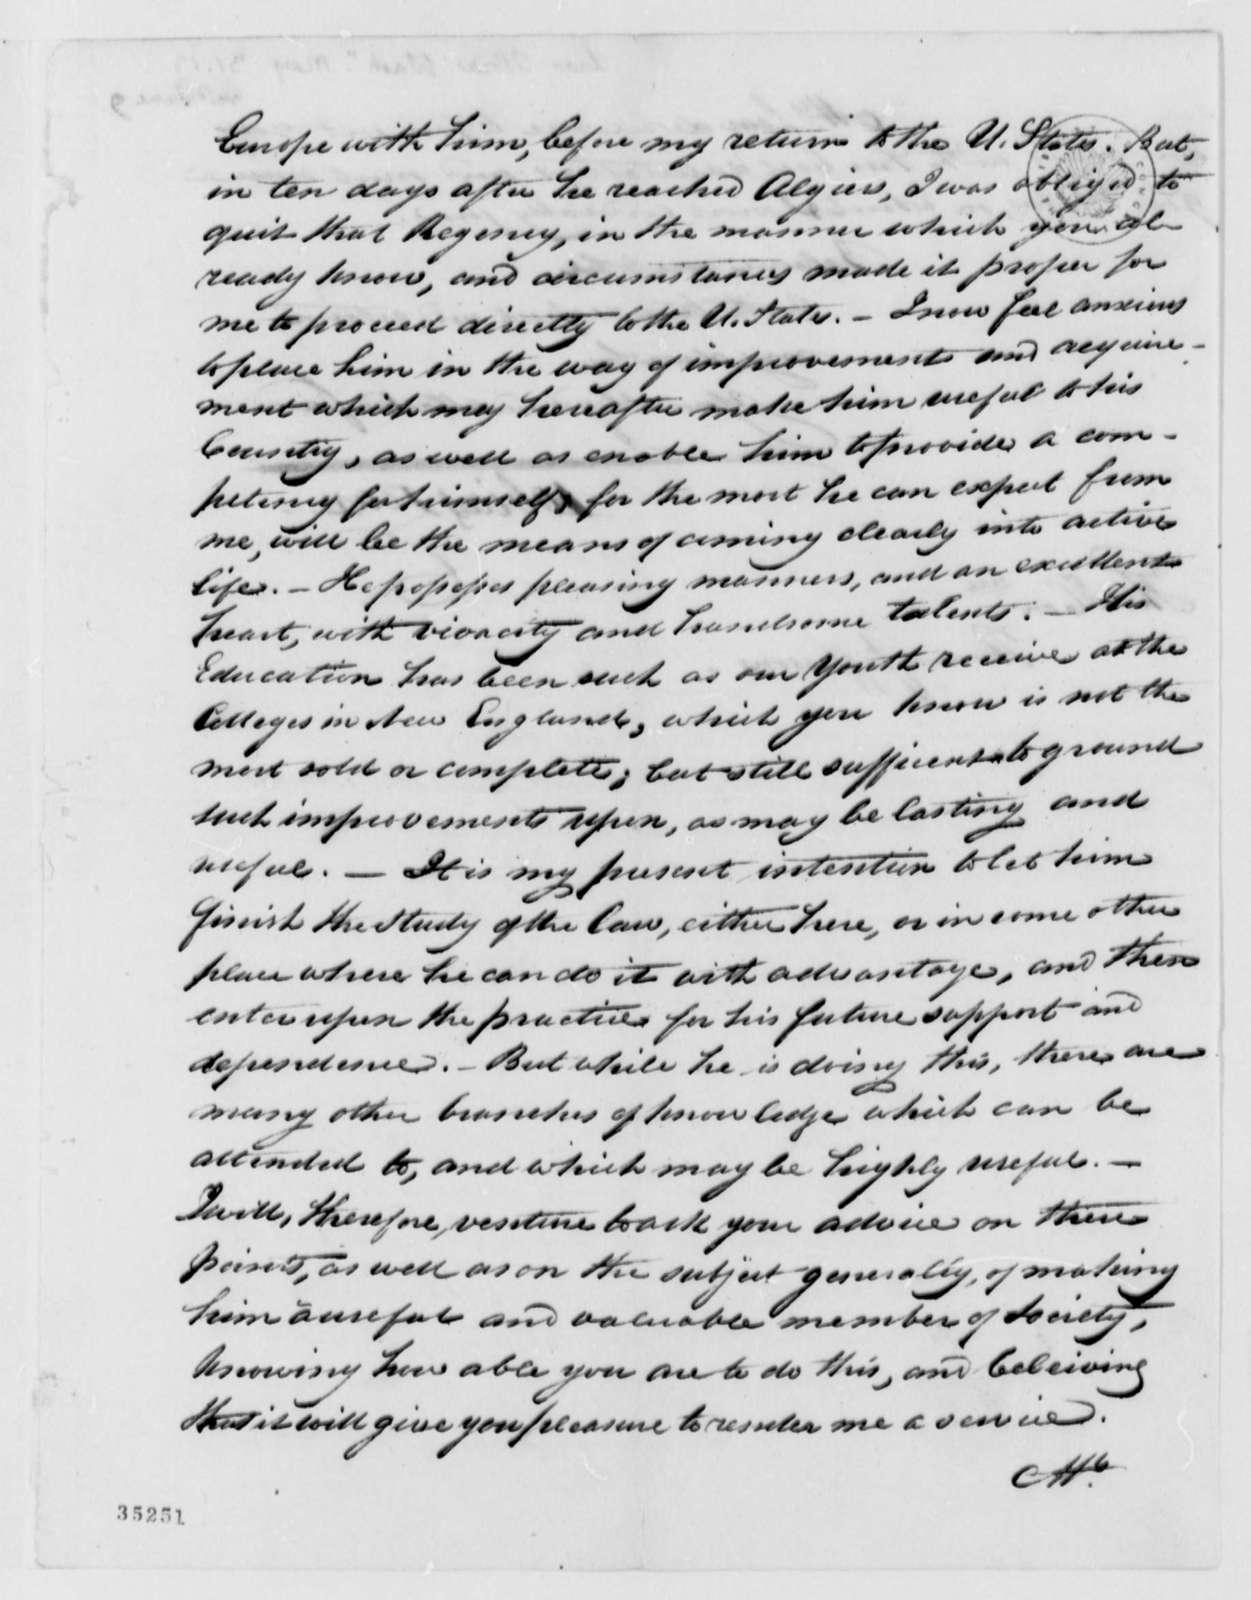 Tobias Lear to Thomas Jefferson, May 31, 1813